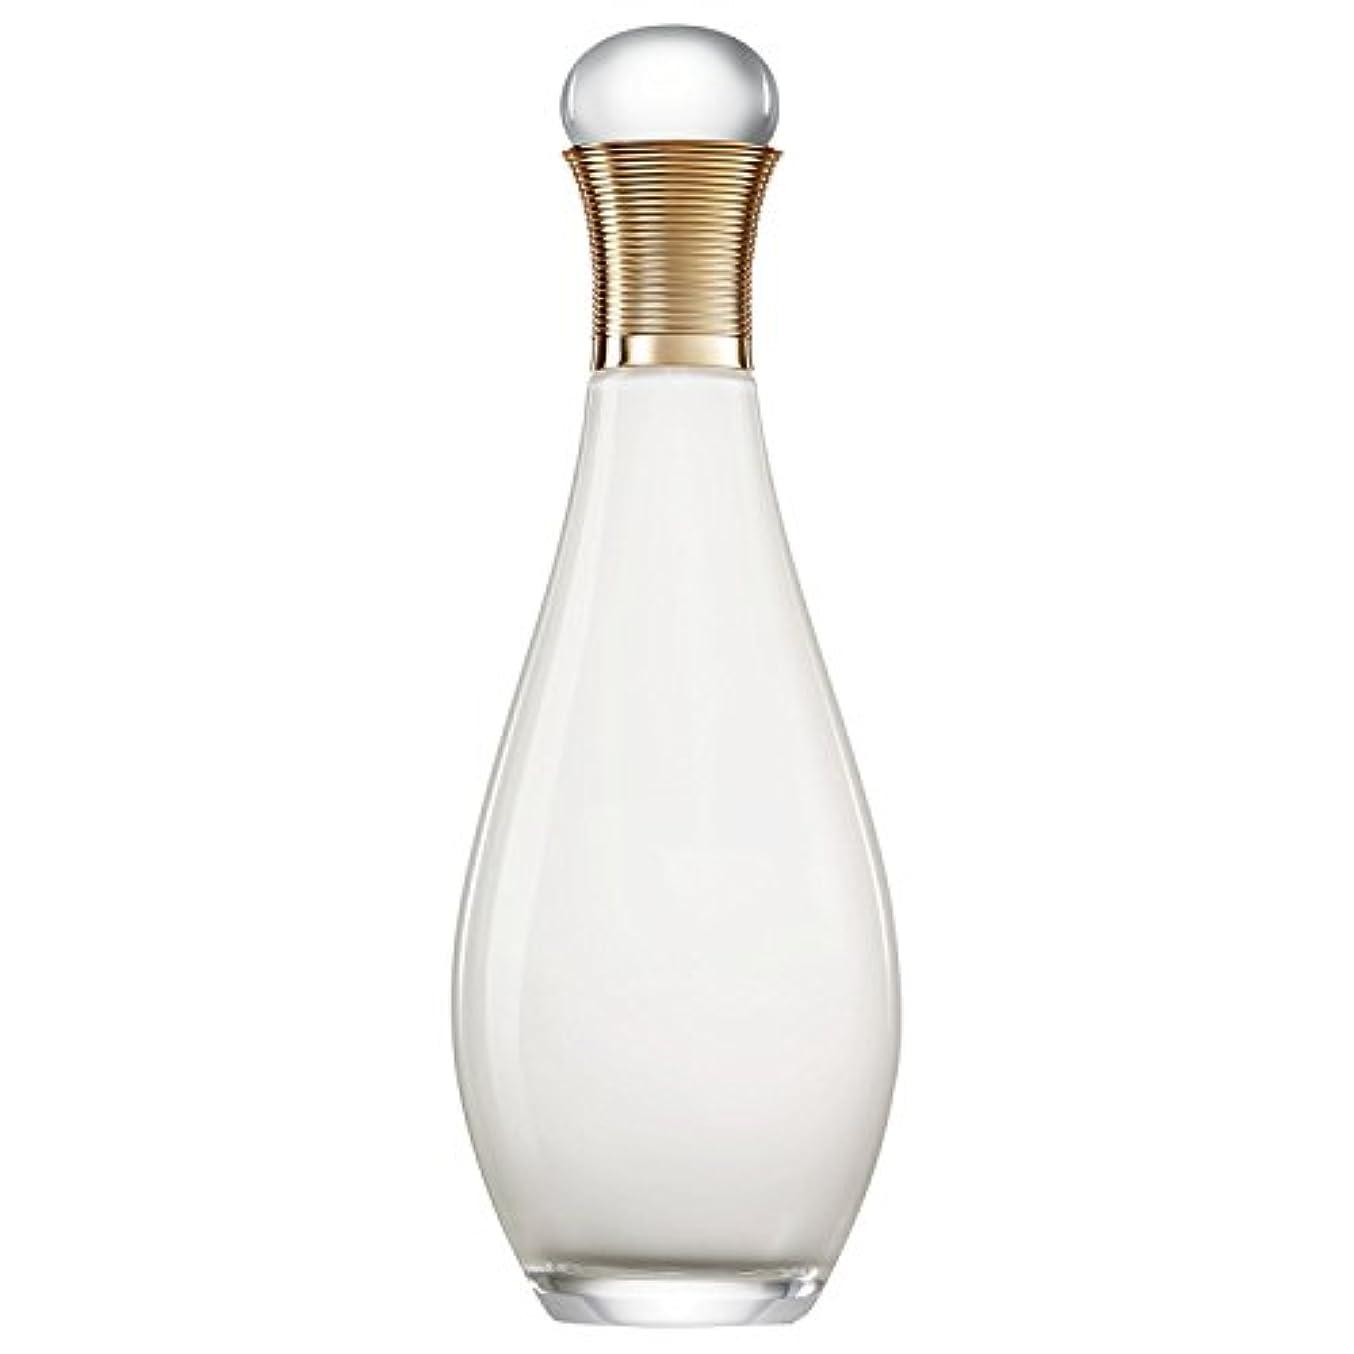 墓地綺麗な凶暴な[Dior] ディオールジャドールの美化ボディミルク150ミリリットル - Dior J'Adore Beautifying Body Milk 150ml [並行輸入品]